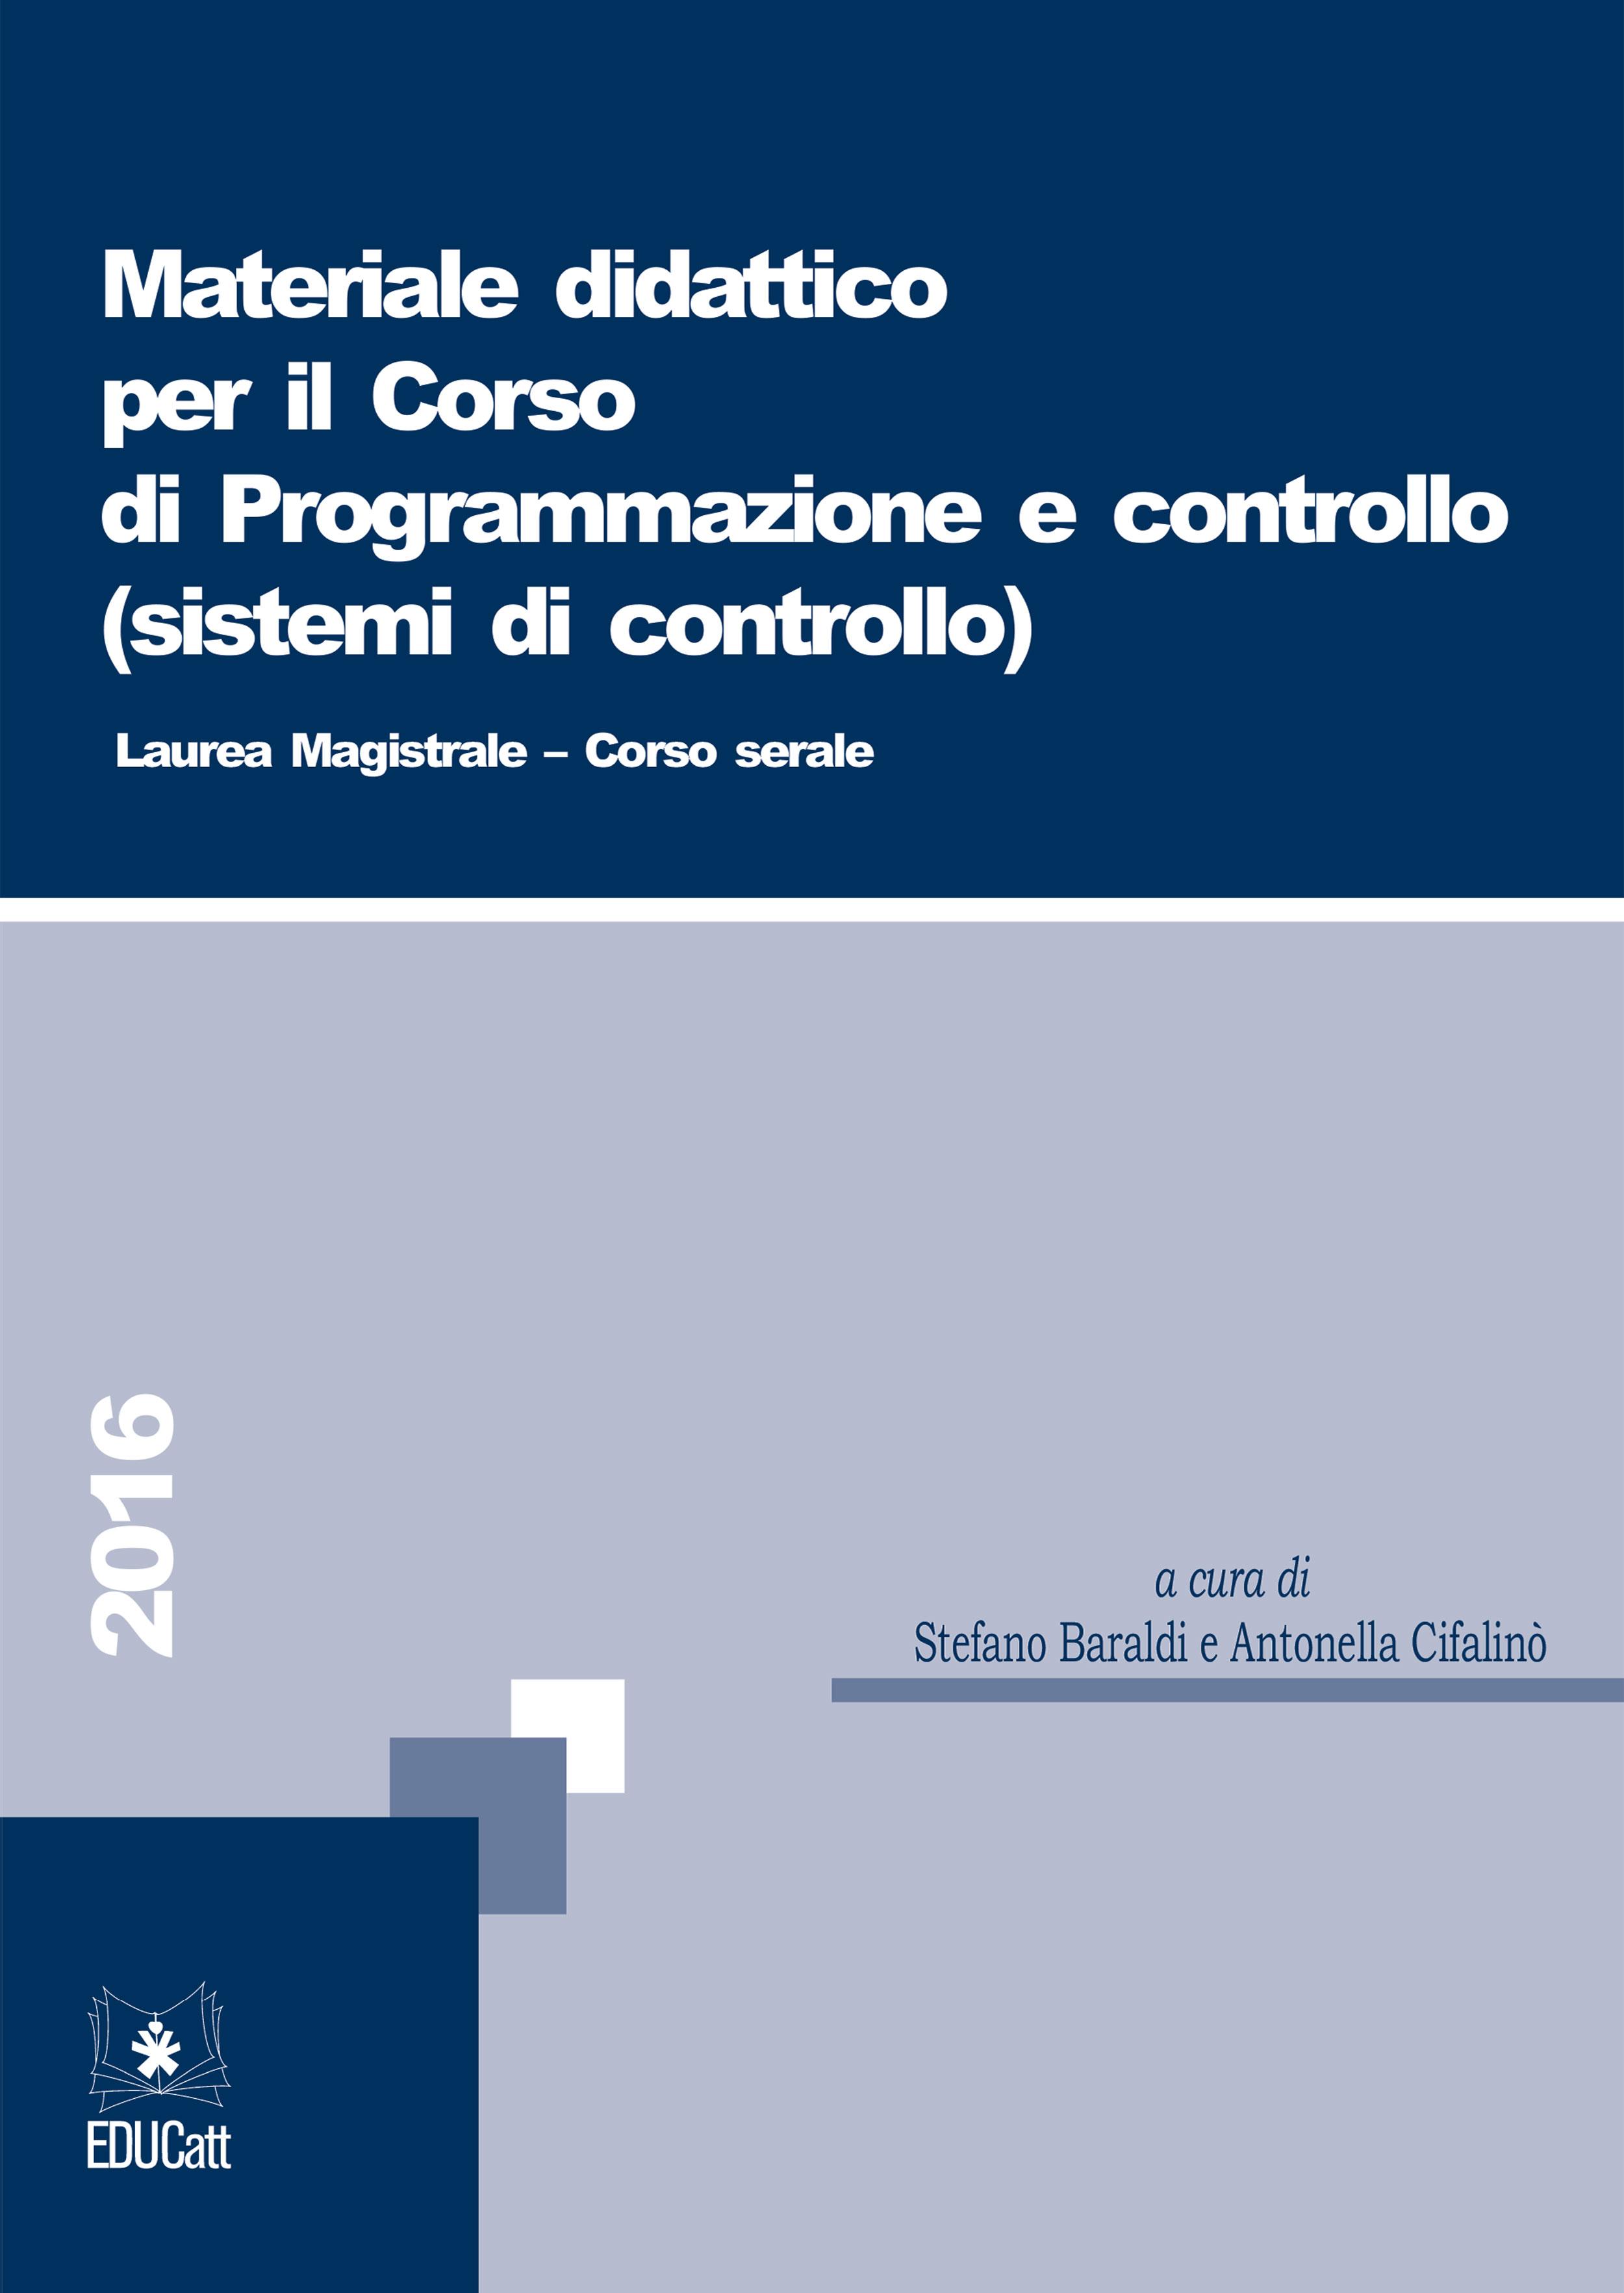 MATERIALE DIDATTICO PER IL CORSO DI PROGRAMMAZIONE E CONTROLLO (SISTEMI DI CONTROLLO) CORSO SERALE